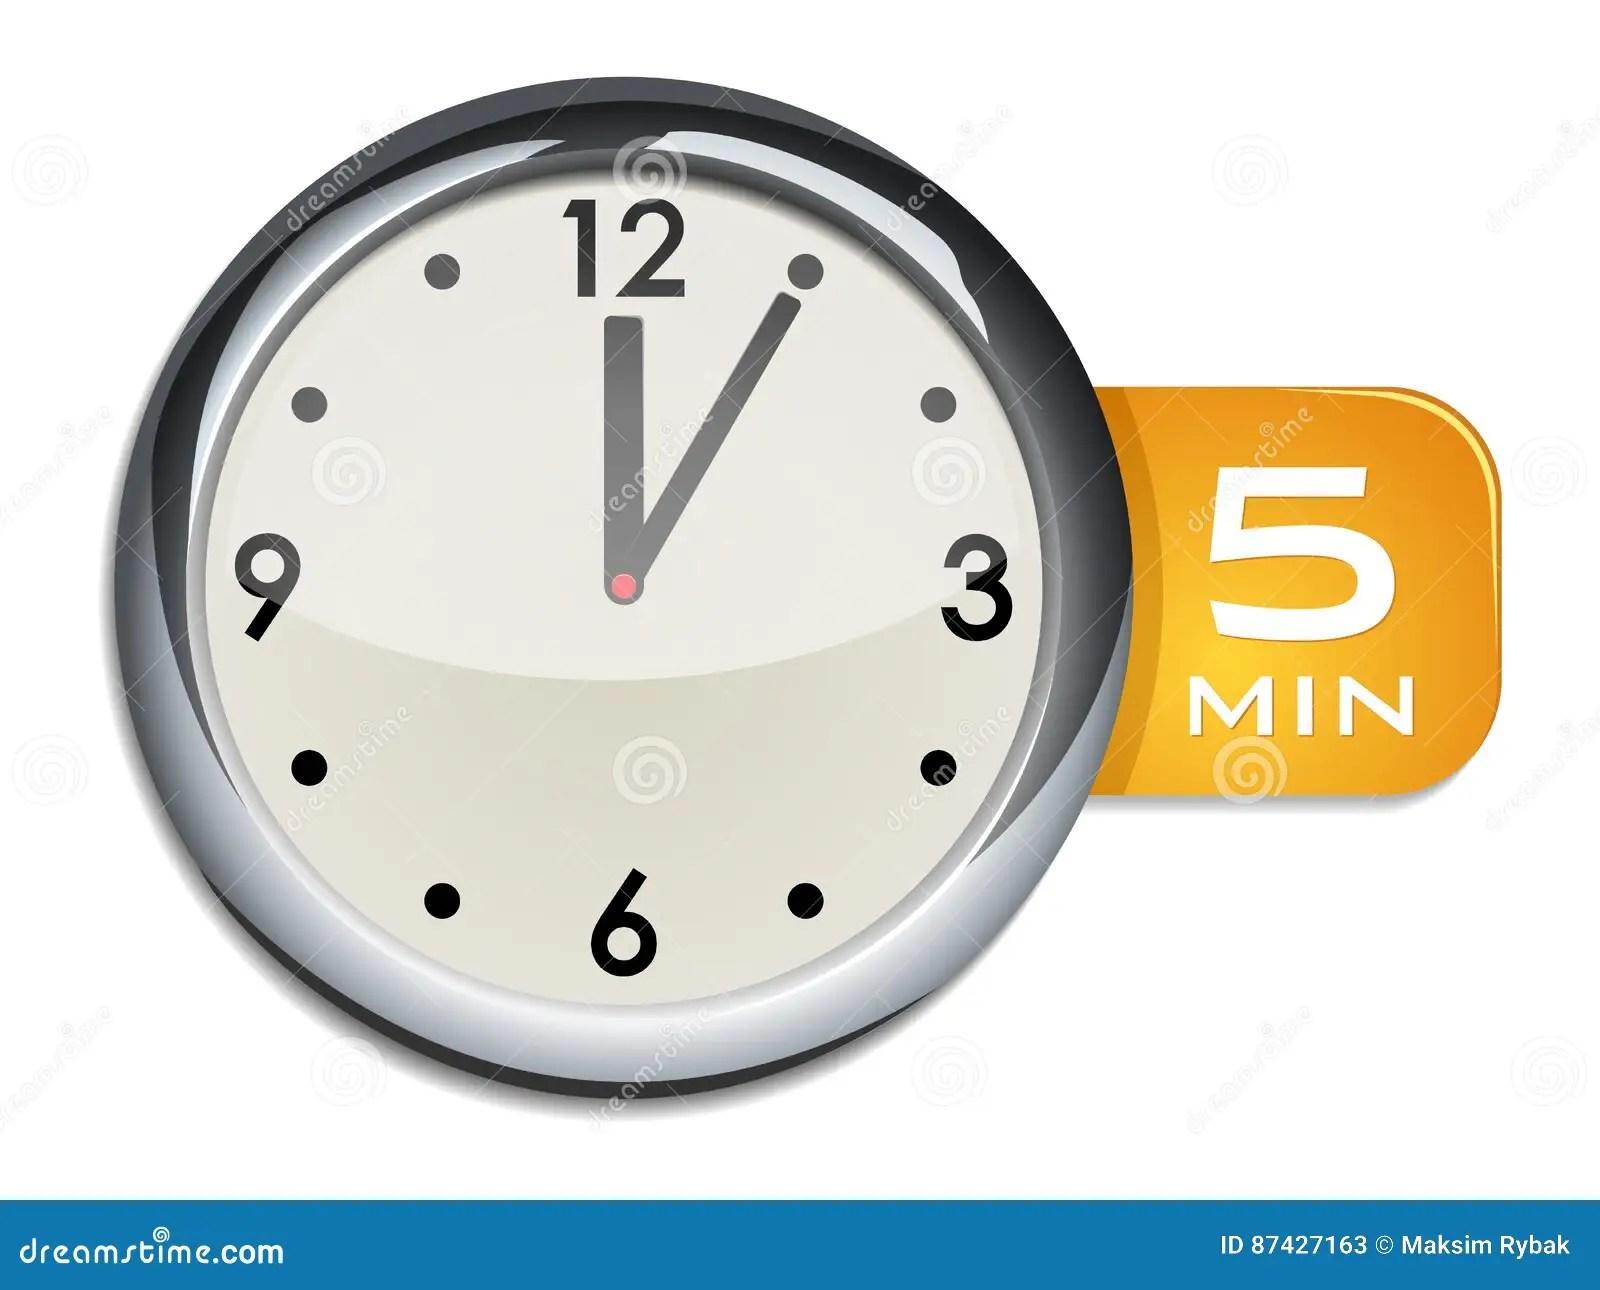 Minuterie D Horloge Murale De Bureau 5 Minutes